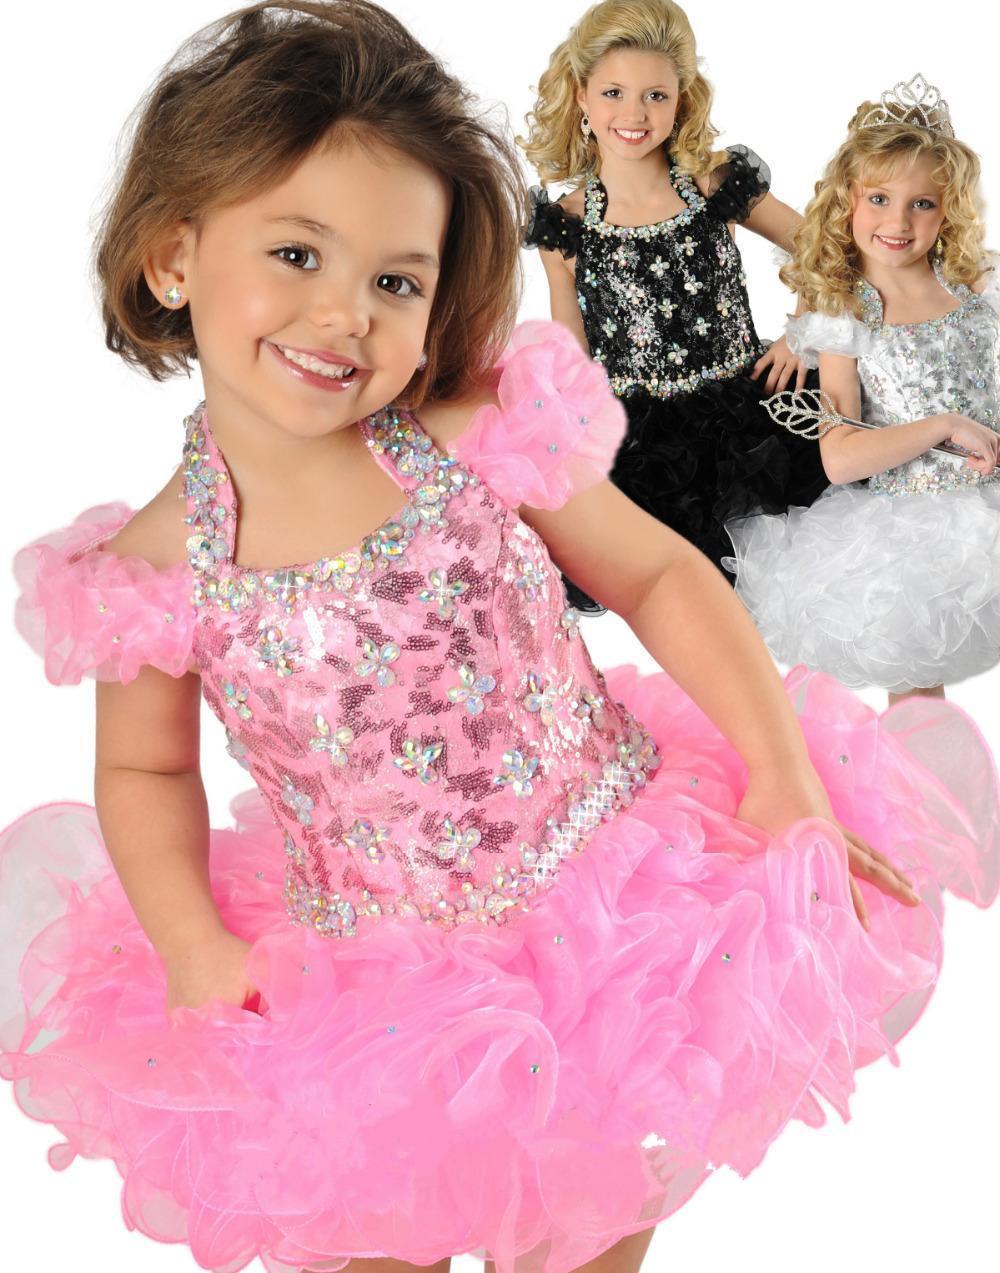 Halter Mini короткий младенческий малыш органзабаллгоул маленький дети свадебный цветок девочек пламенциональный конкурс платья кексы на заказ